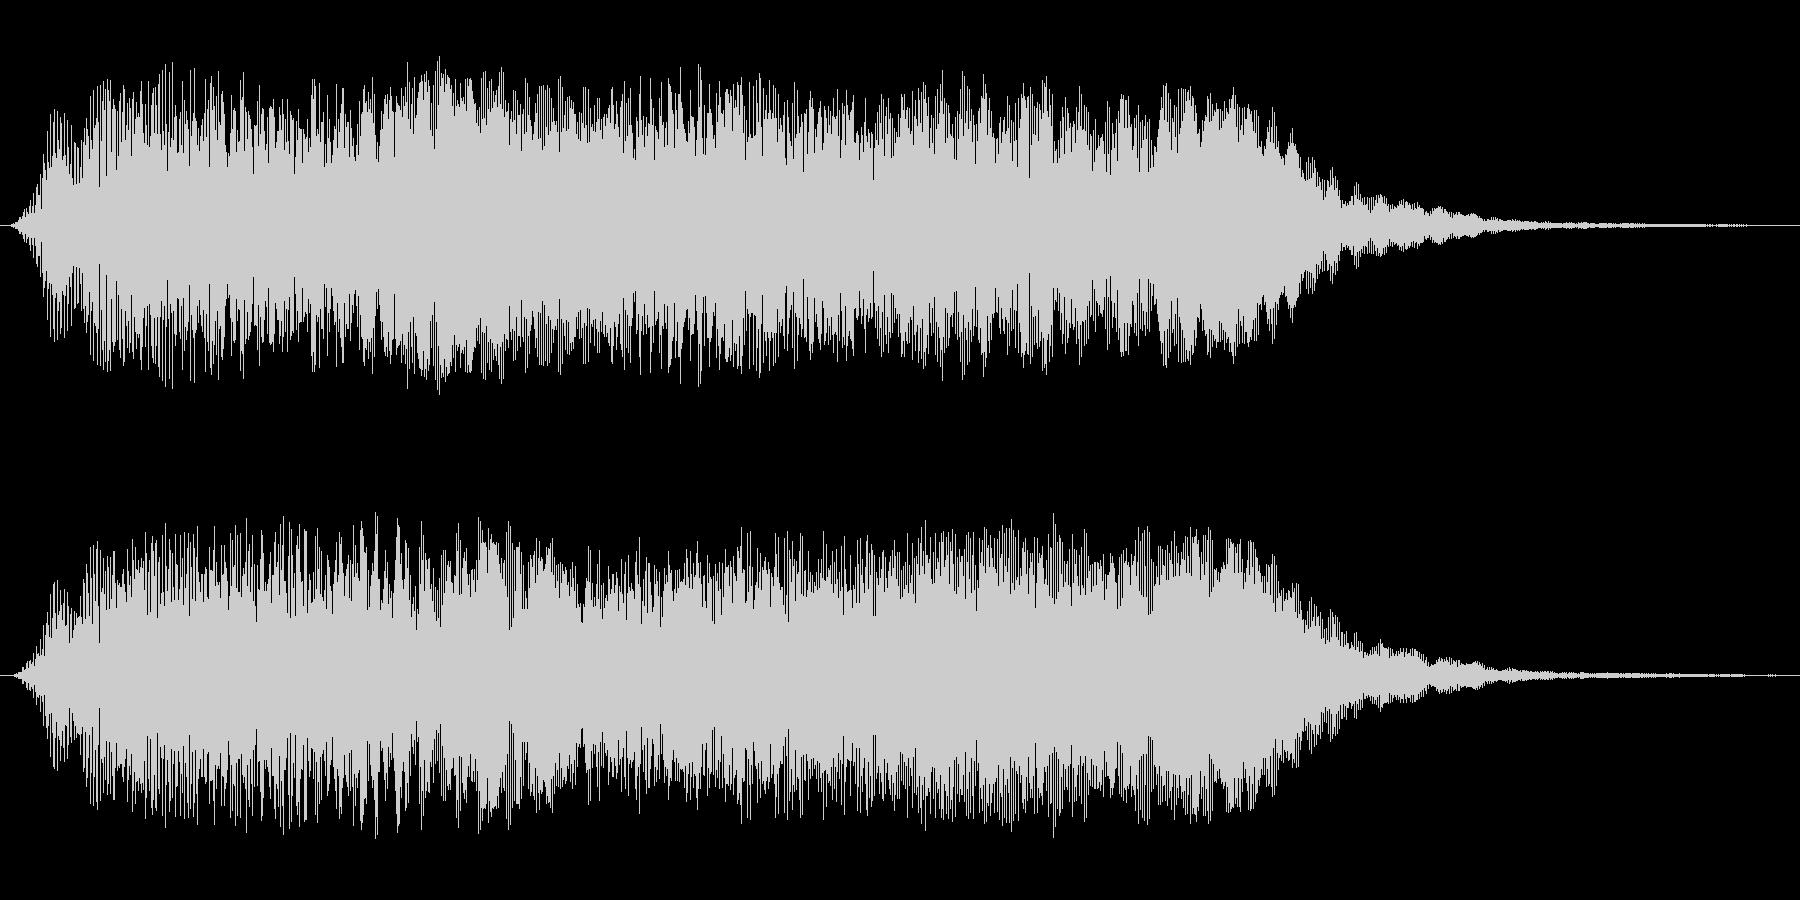 壮大なシンセサイザーのオープニング効果音の未再生の波形